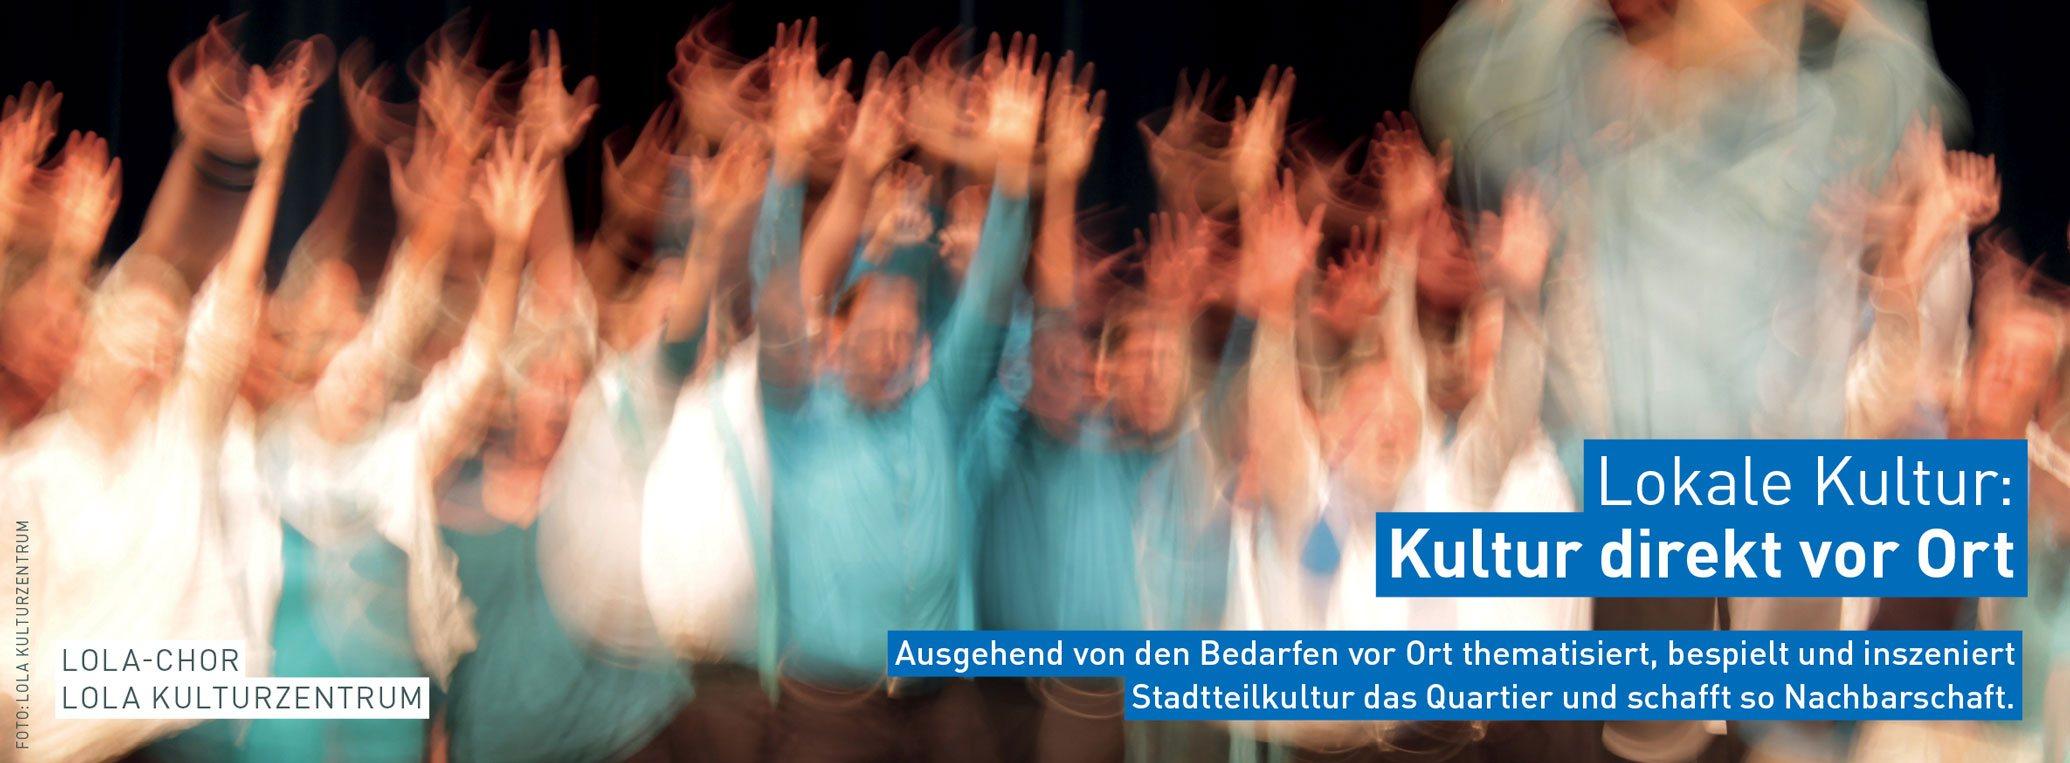 Stadtteilkultur in Hamburg: LOKALE KULTUR – Kultur direkt vor Ort